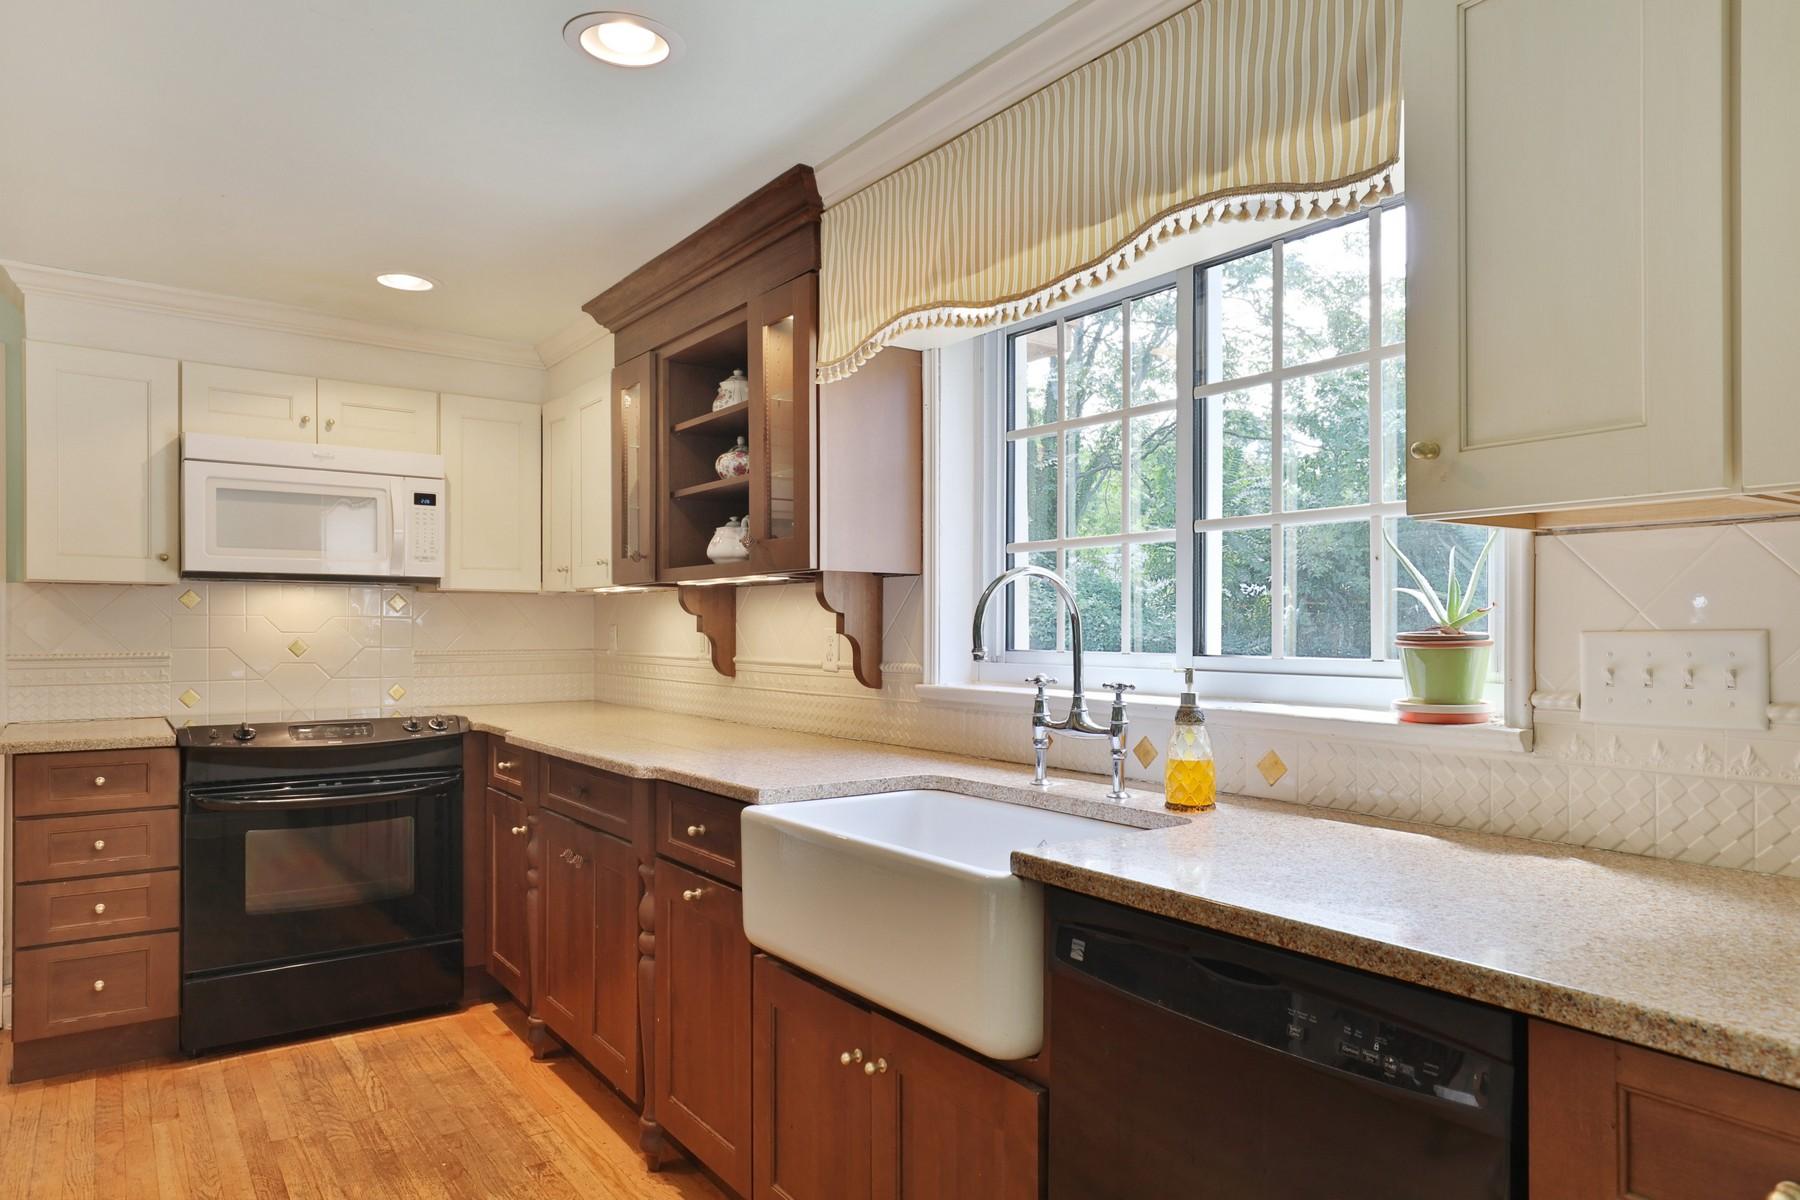 Частный односемейный дом для того Продажа на Highlands Colonial 1 William St Highlands, Нью-Джерси 07732 Соединенные Штаты